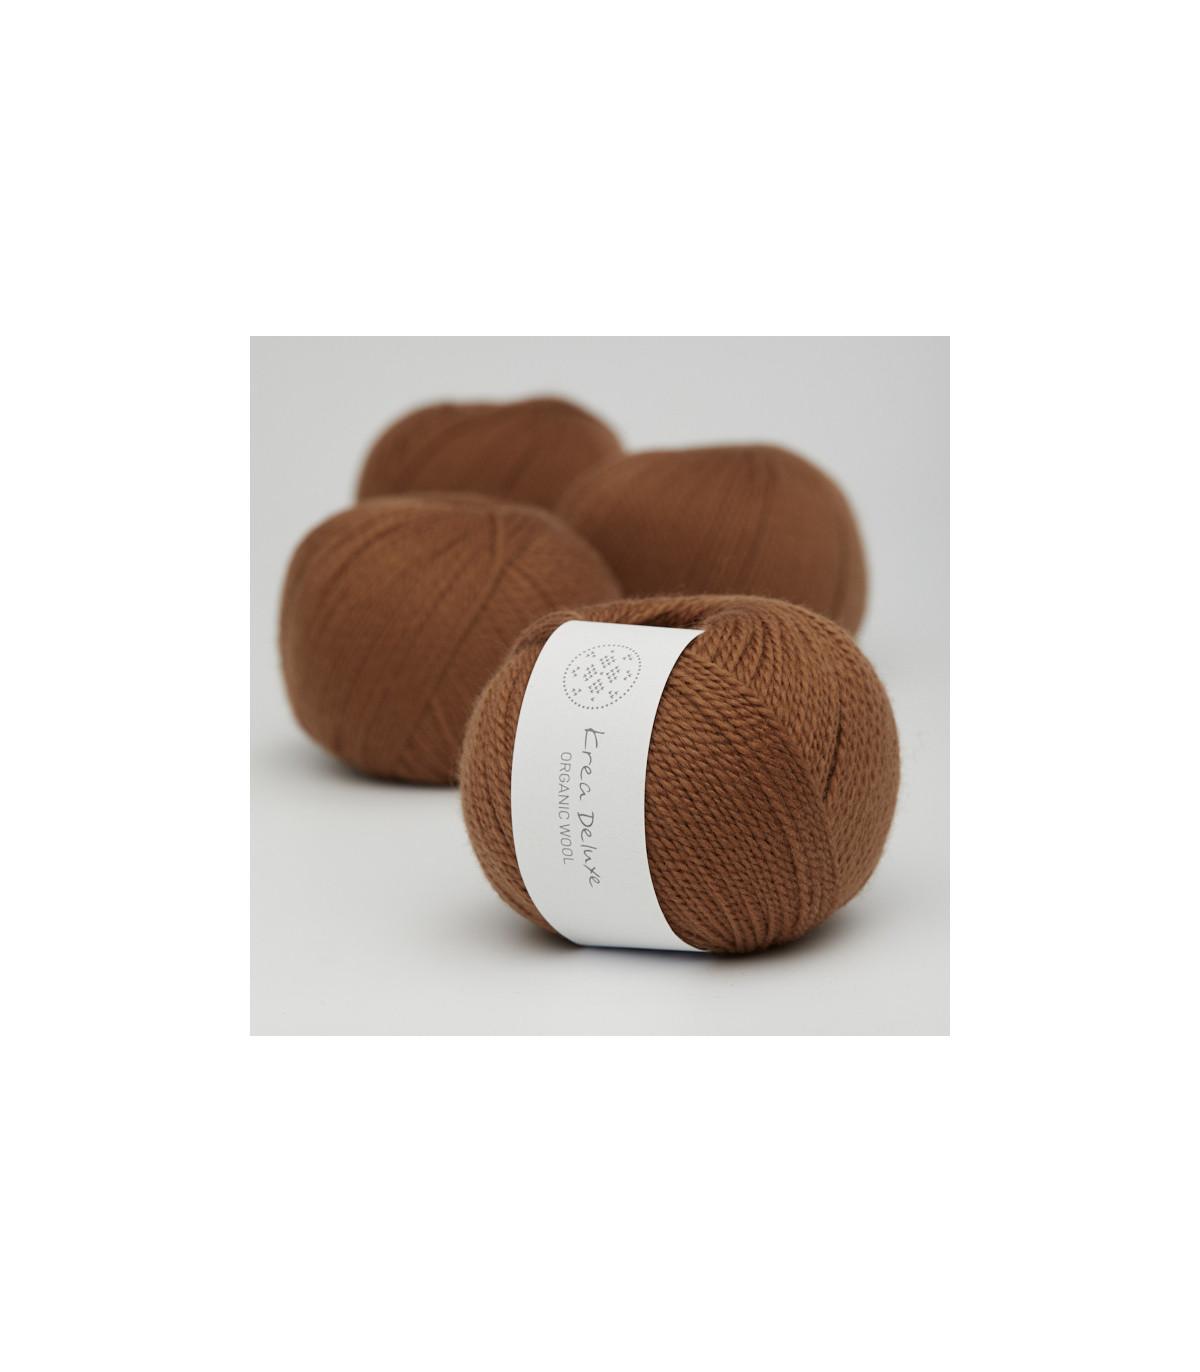 Wool 1 (Neu) - Krea Deluxe in der Farbe W 52 Karamell